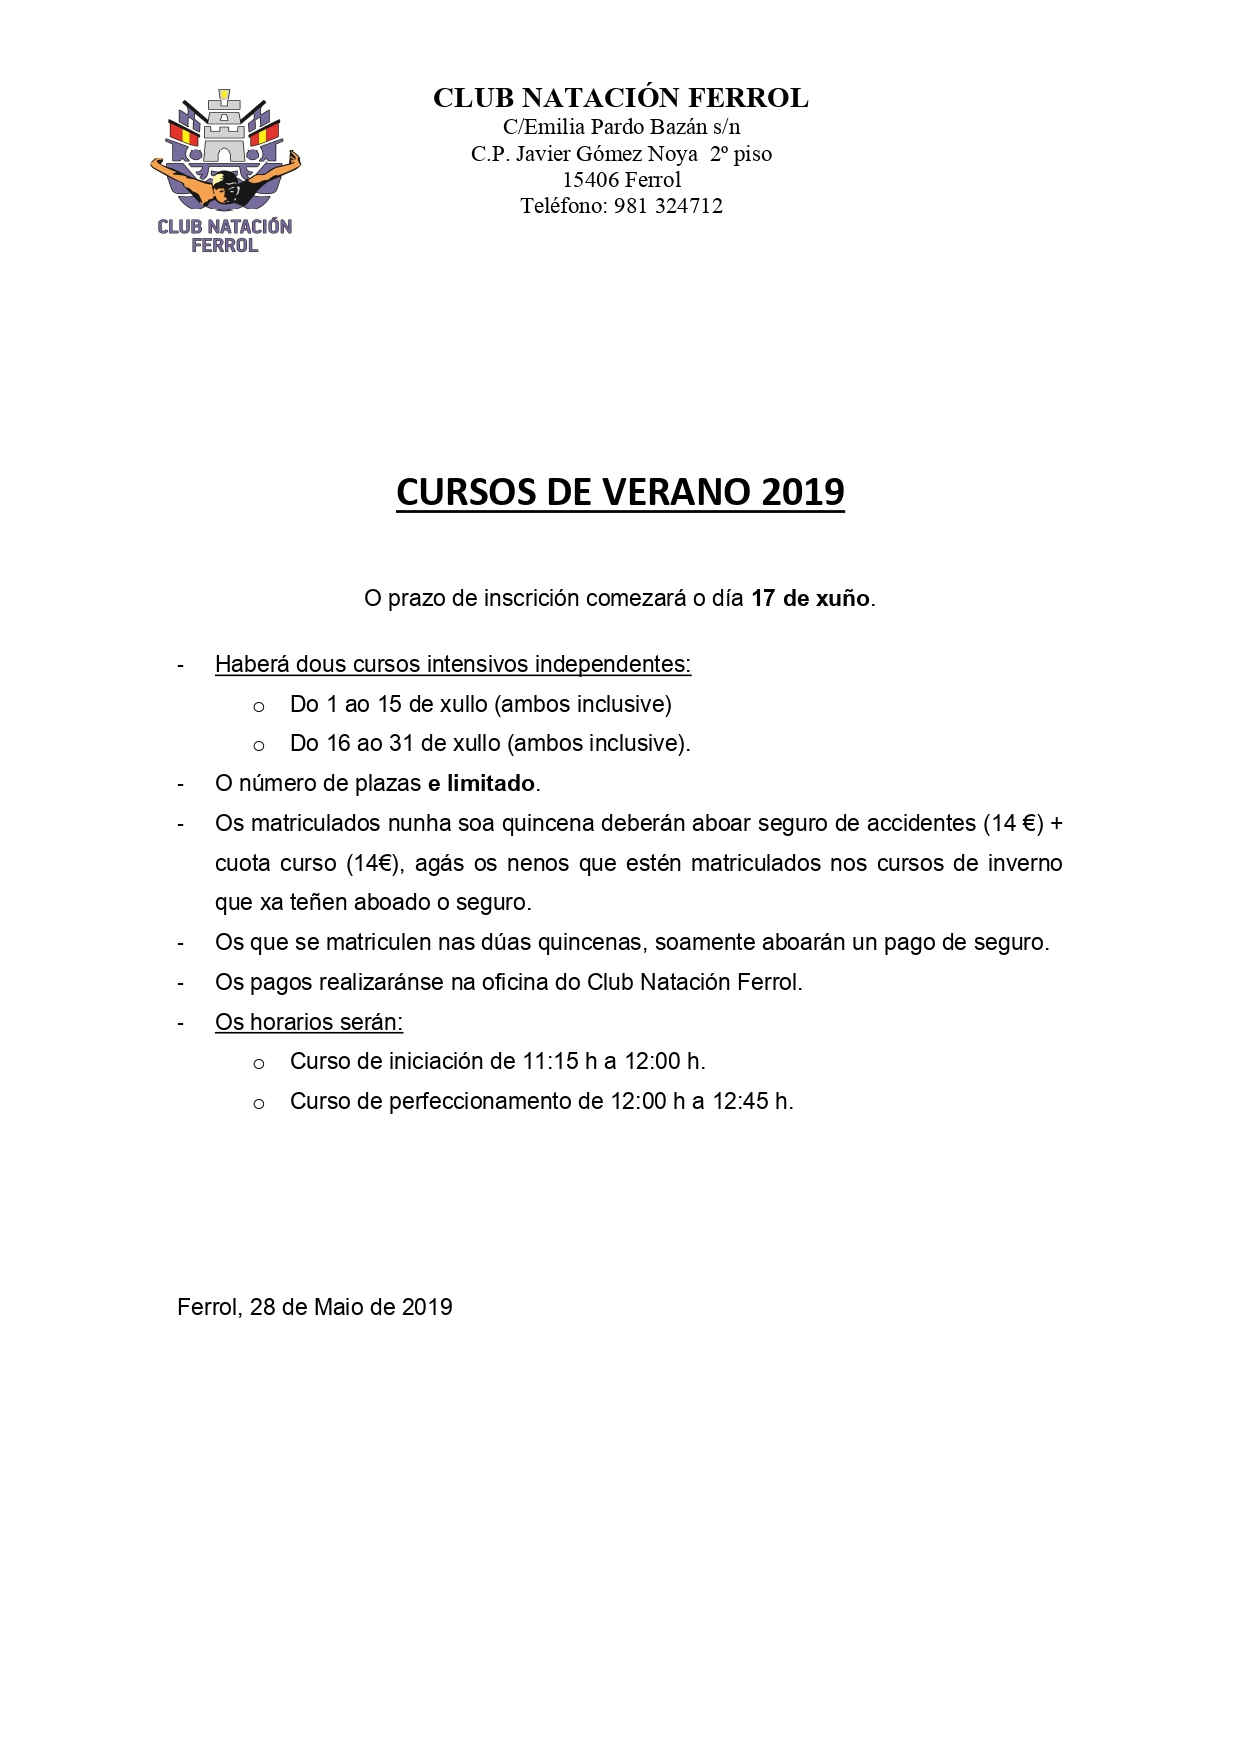 Cursos verano 2019_page-0001